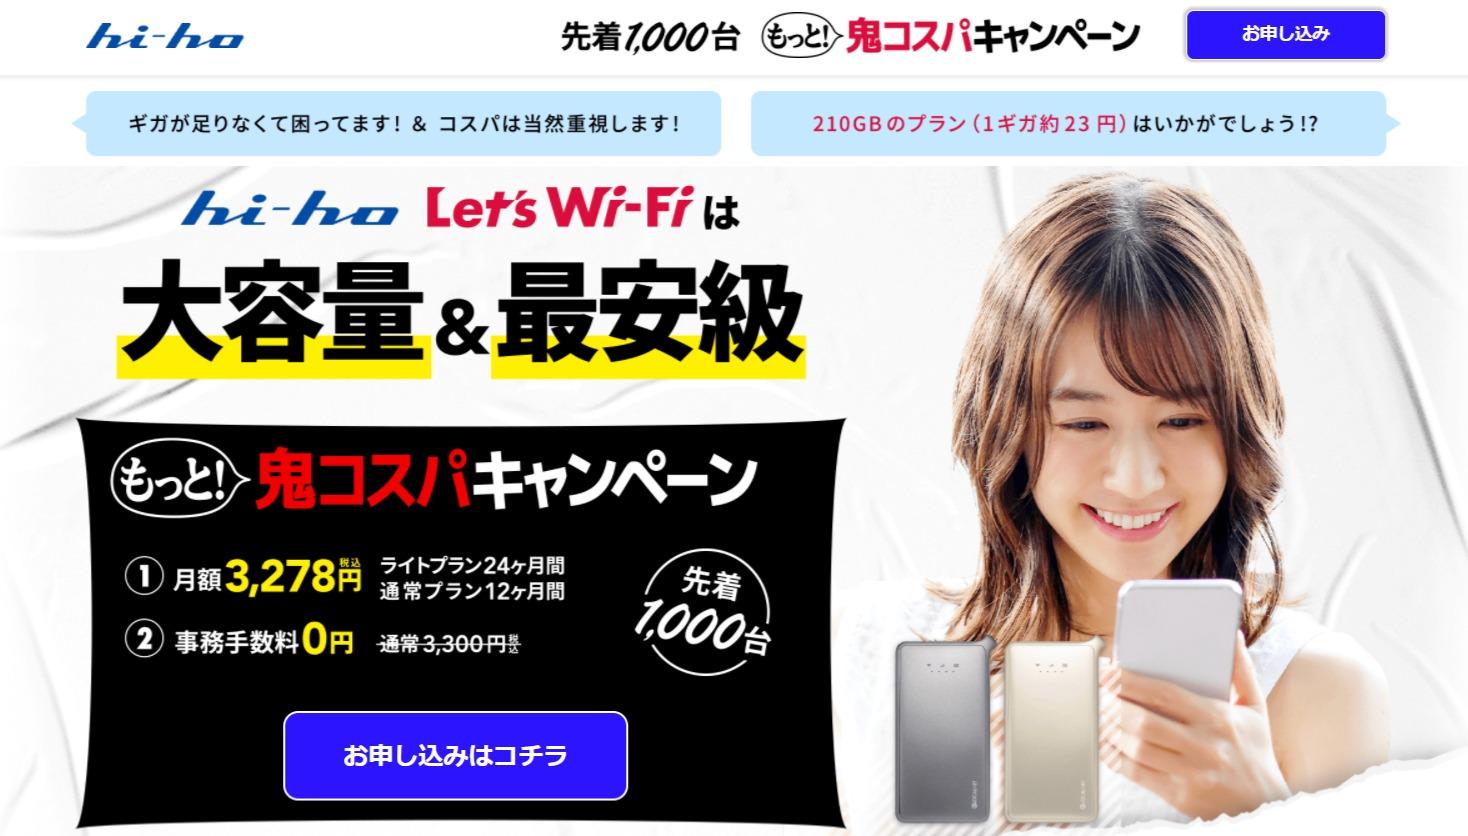 hi-ho Let's WiFi 公式